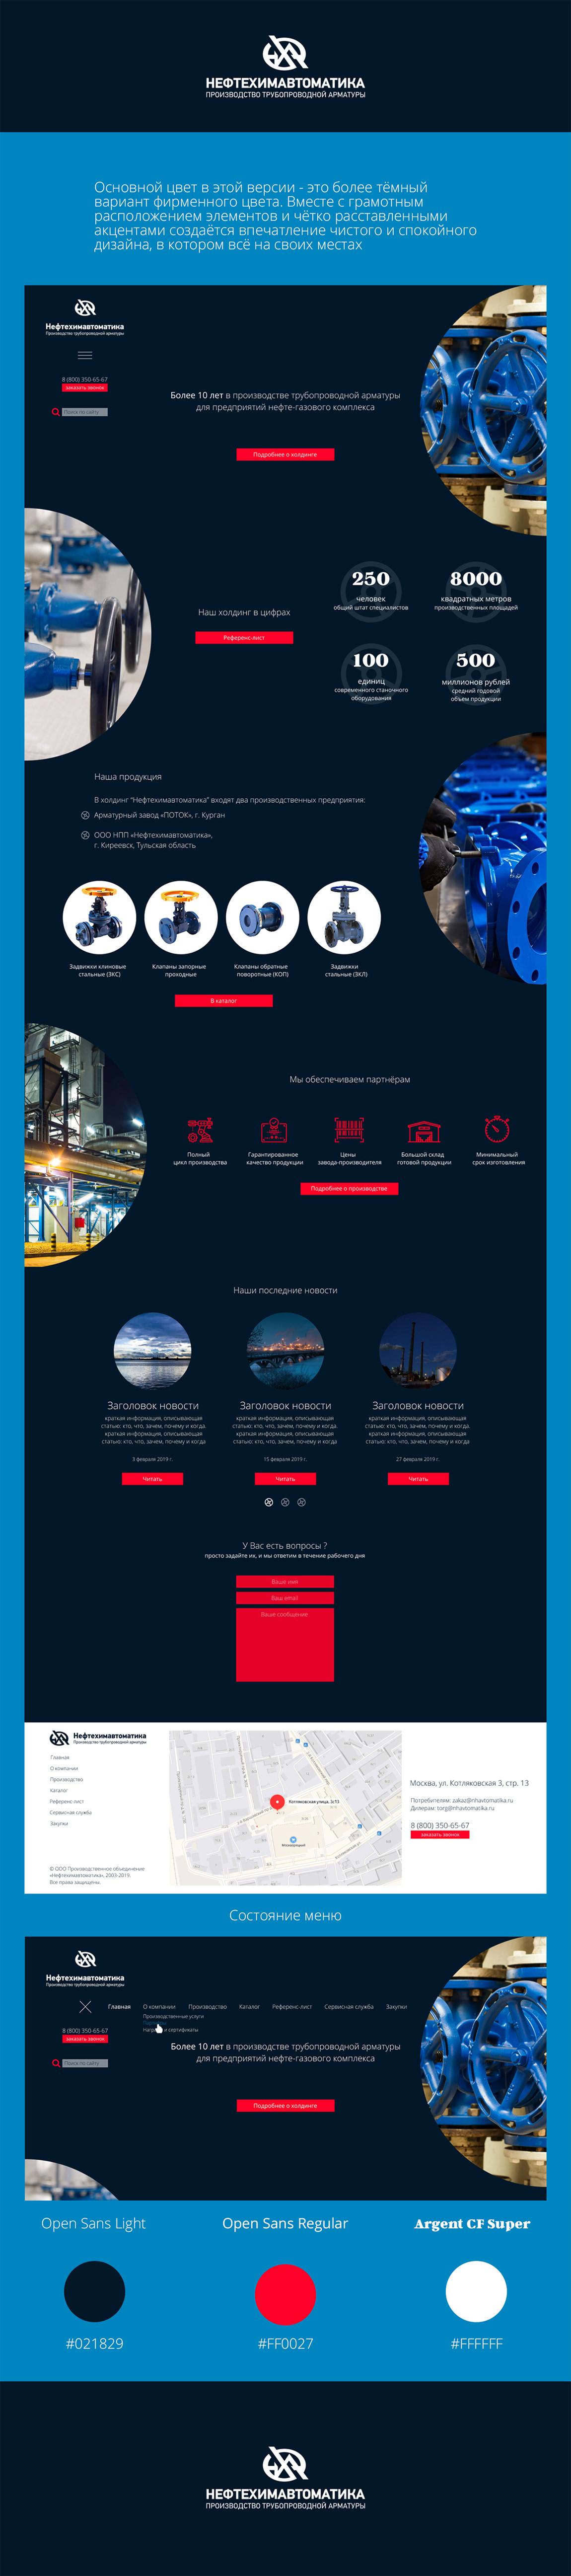 Внимание, конкурс для дизайнеров веб-сайтов! фото f_1835c61ad9066b22.jpg